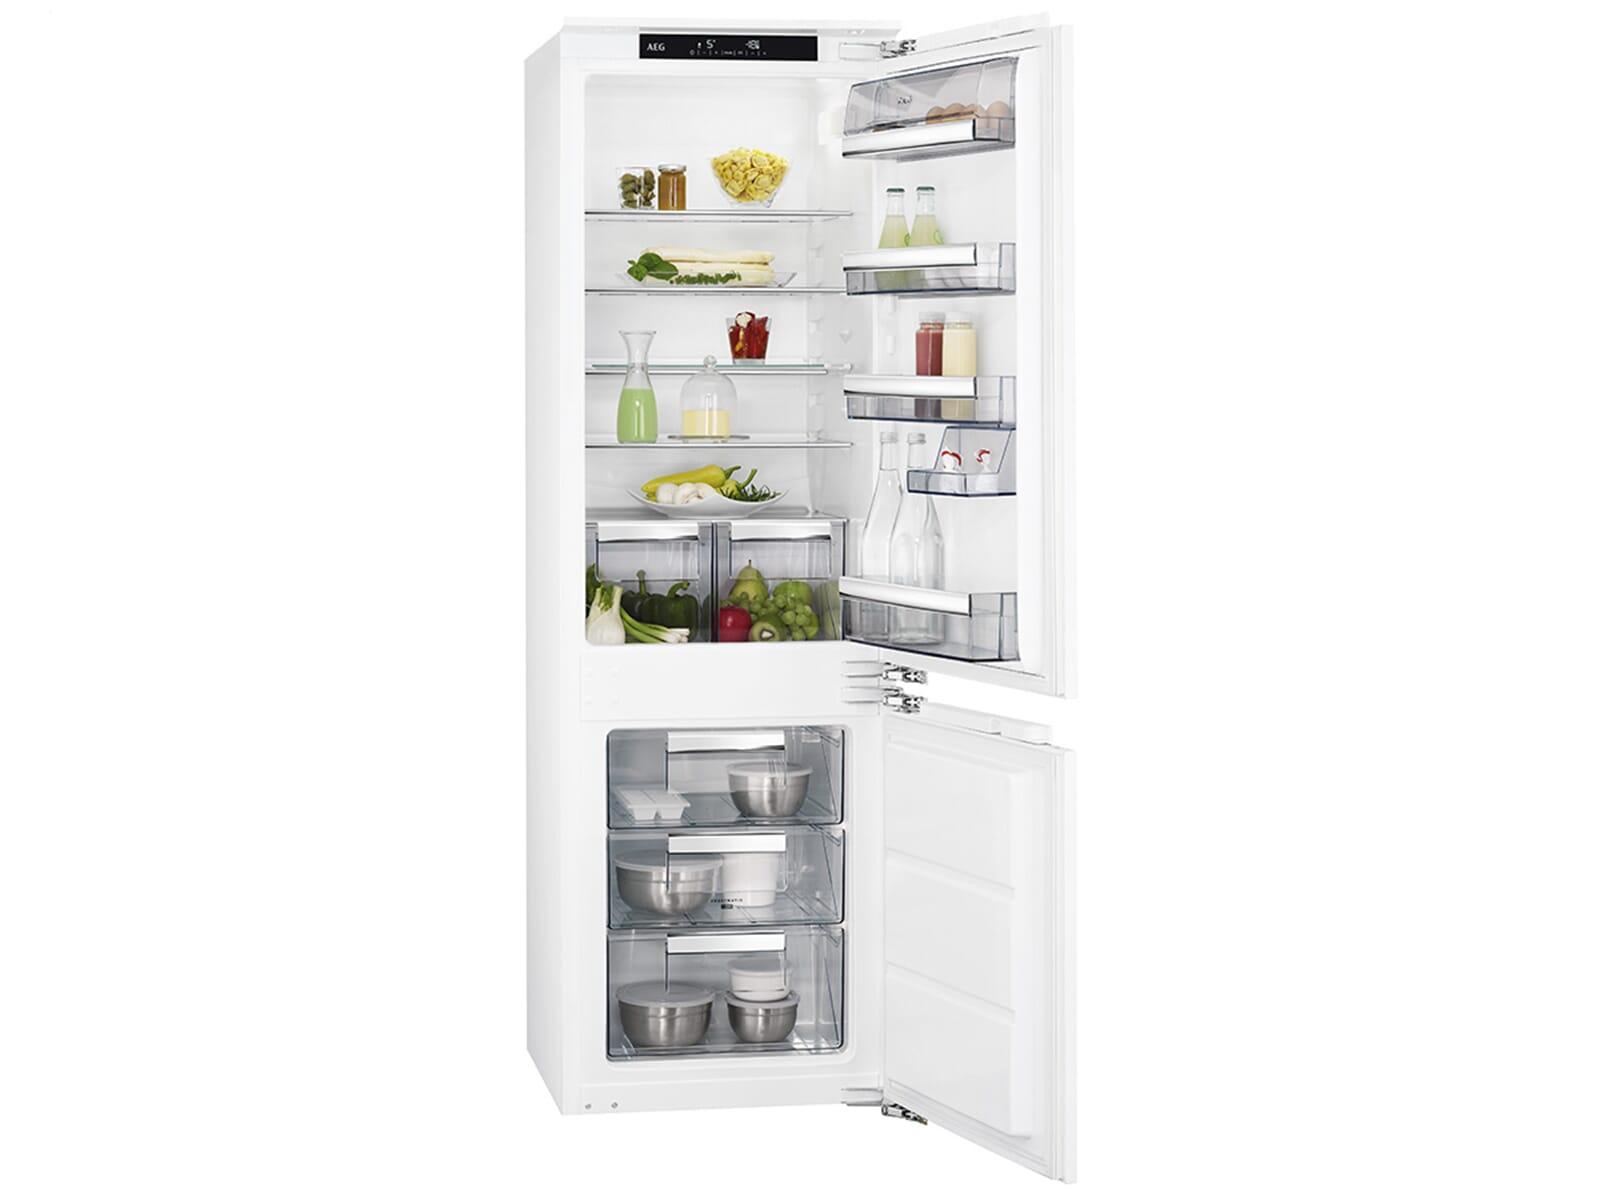 Aeg Kühlschrank Montageanleitung : Aeg sce lc einbau kühl gefrierkombination